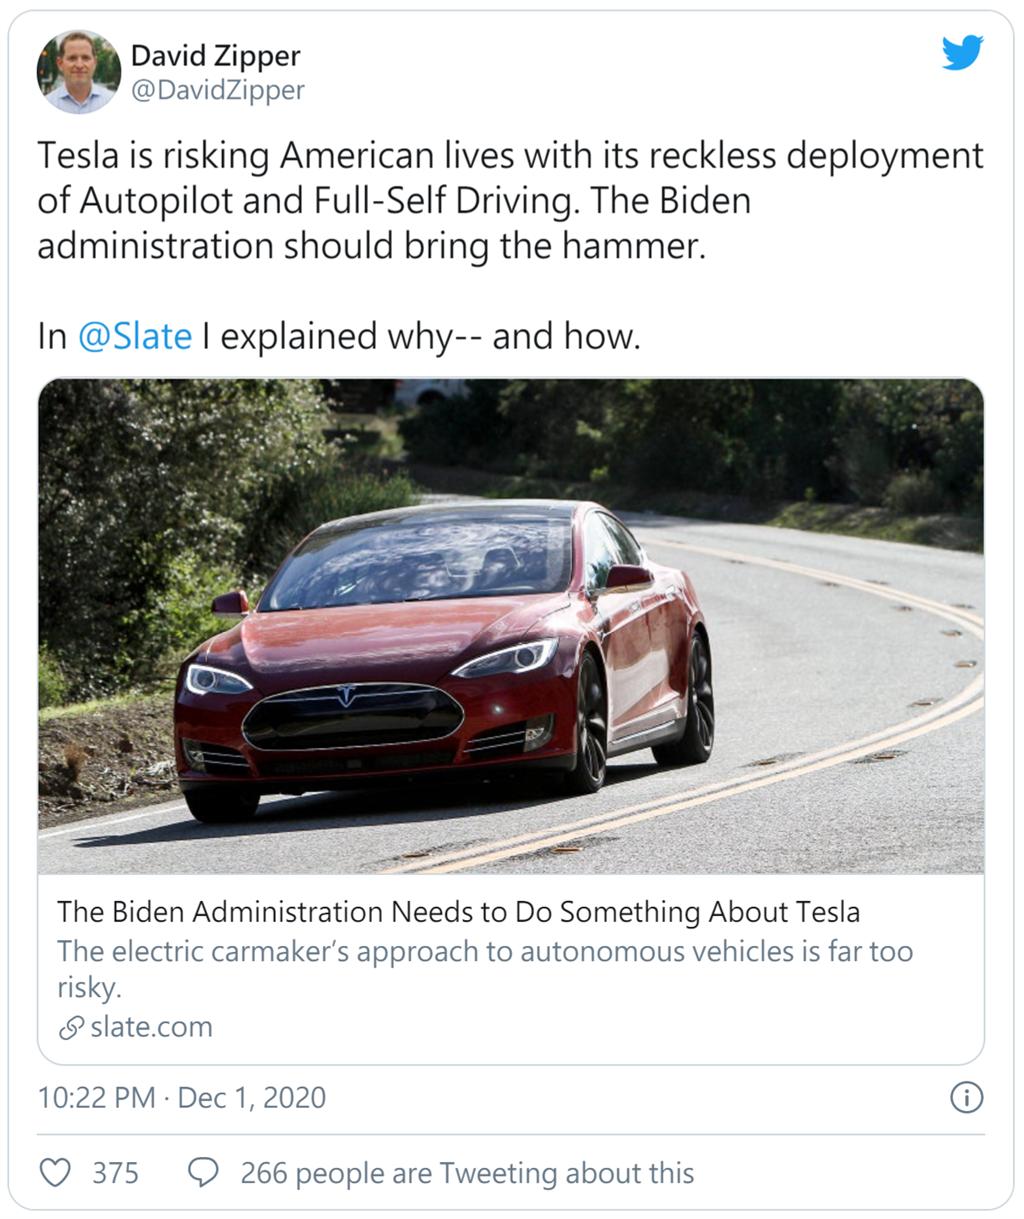 哈佛學者呼籲拜登「上任就採取行動」:禁止特斯拉用車主實驗自動駕駛功能